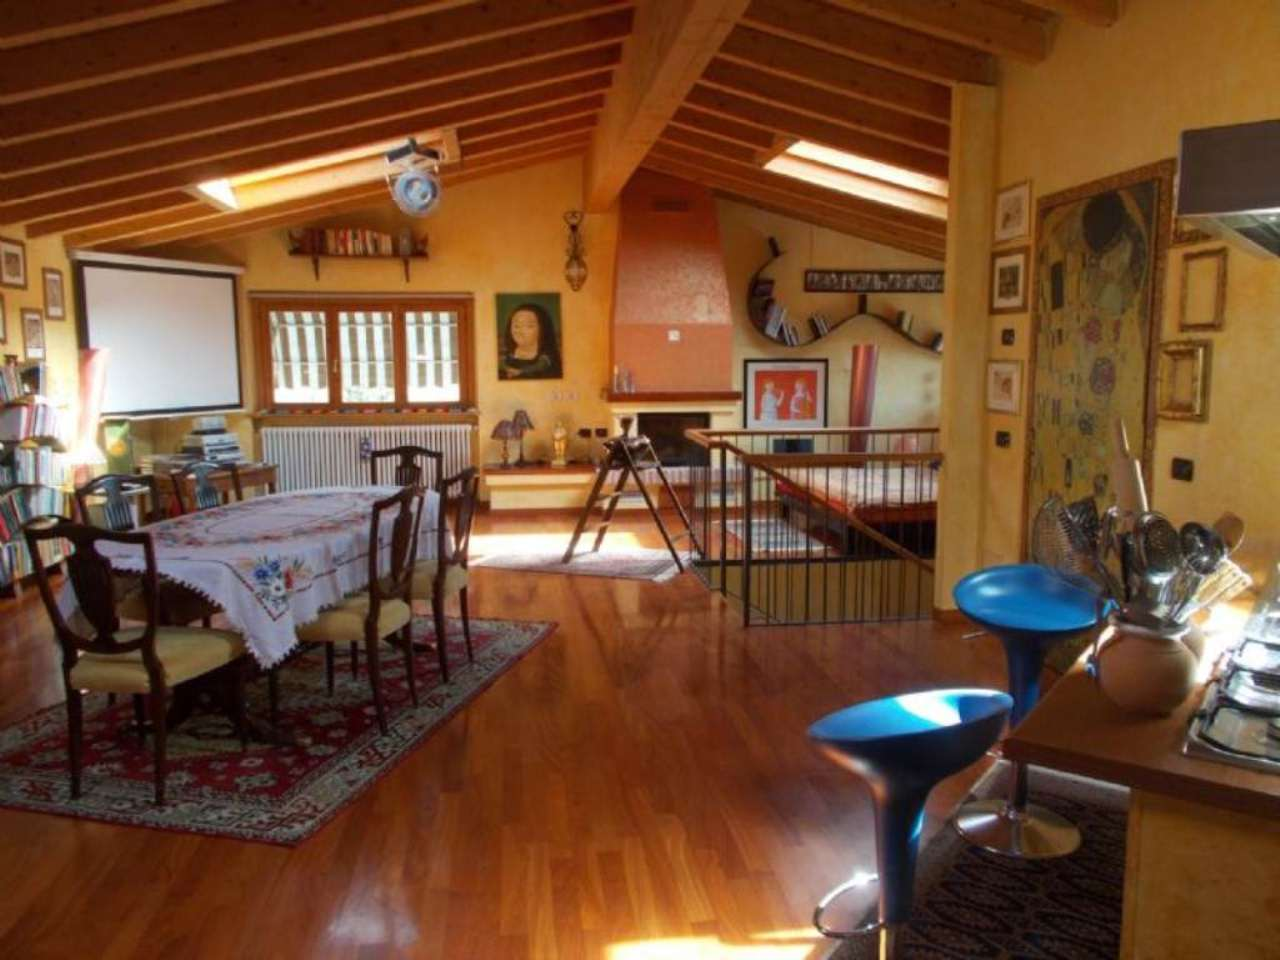 Immobili residenziali in vendita a castelleone for Costo per costruire 5 case a schiera